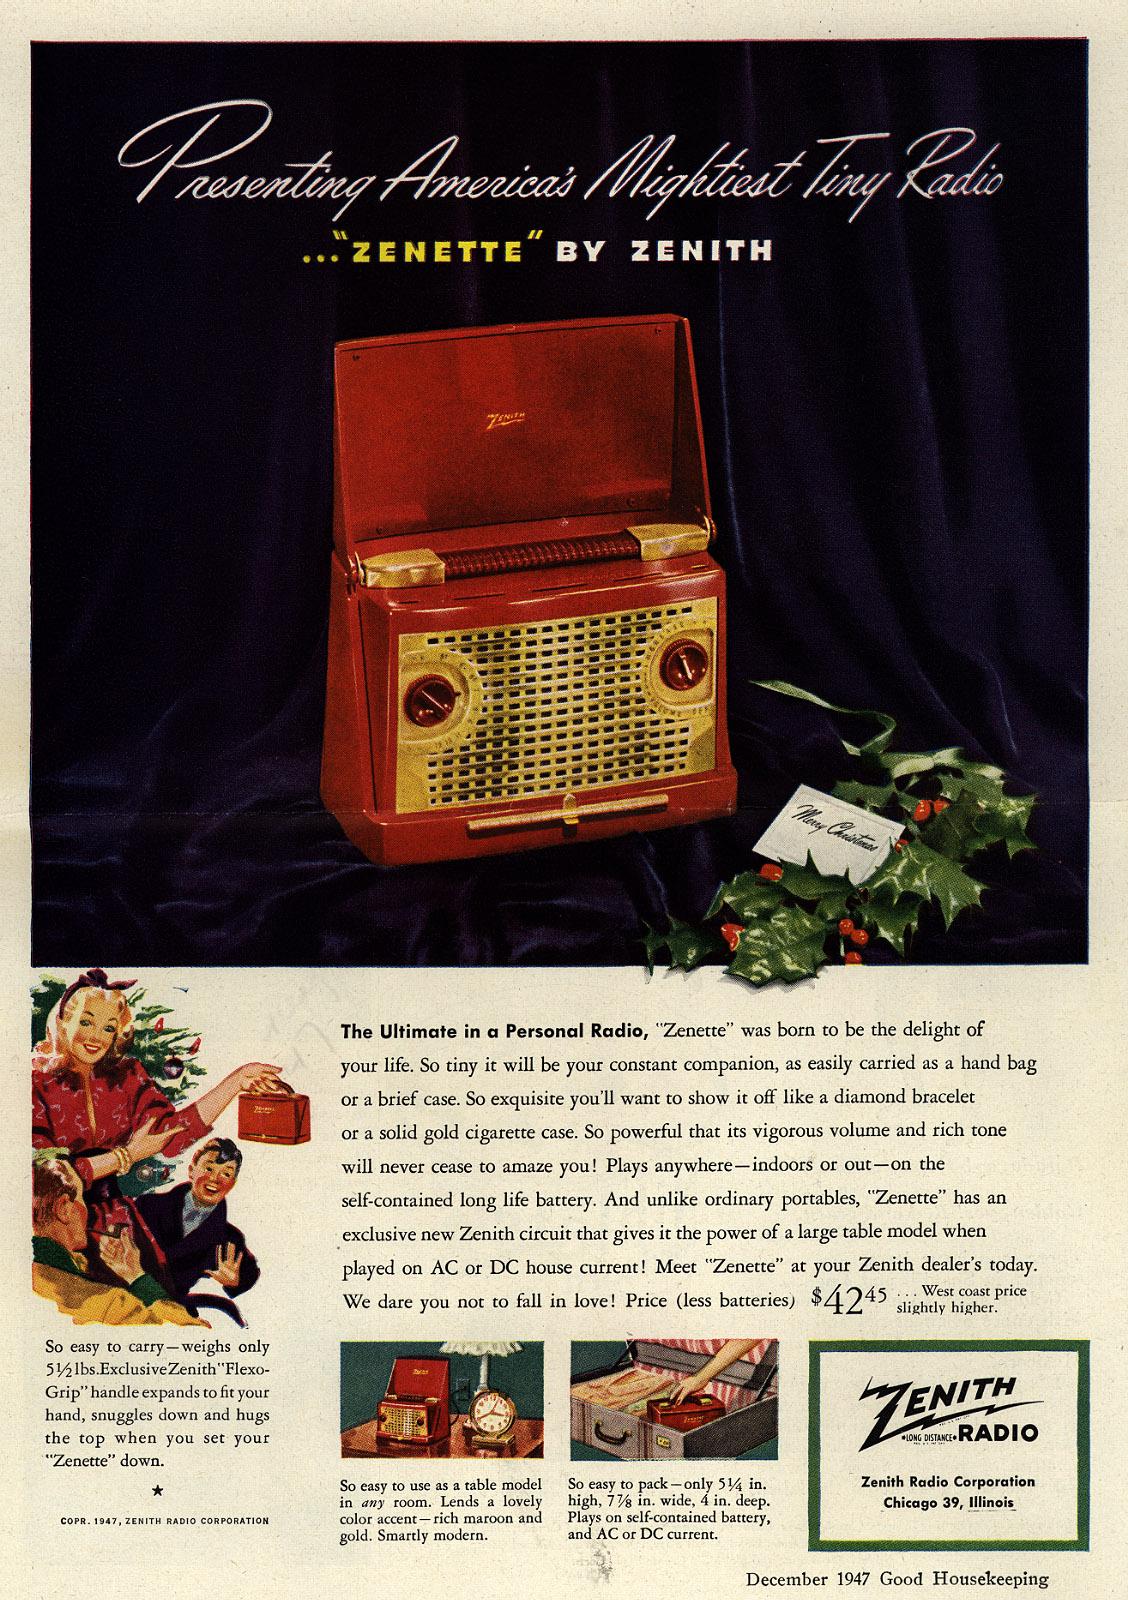 Presenting_Americas_Mightiest_Tiny_Radio...